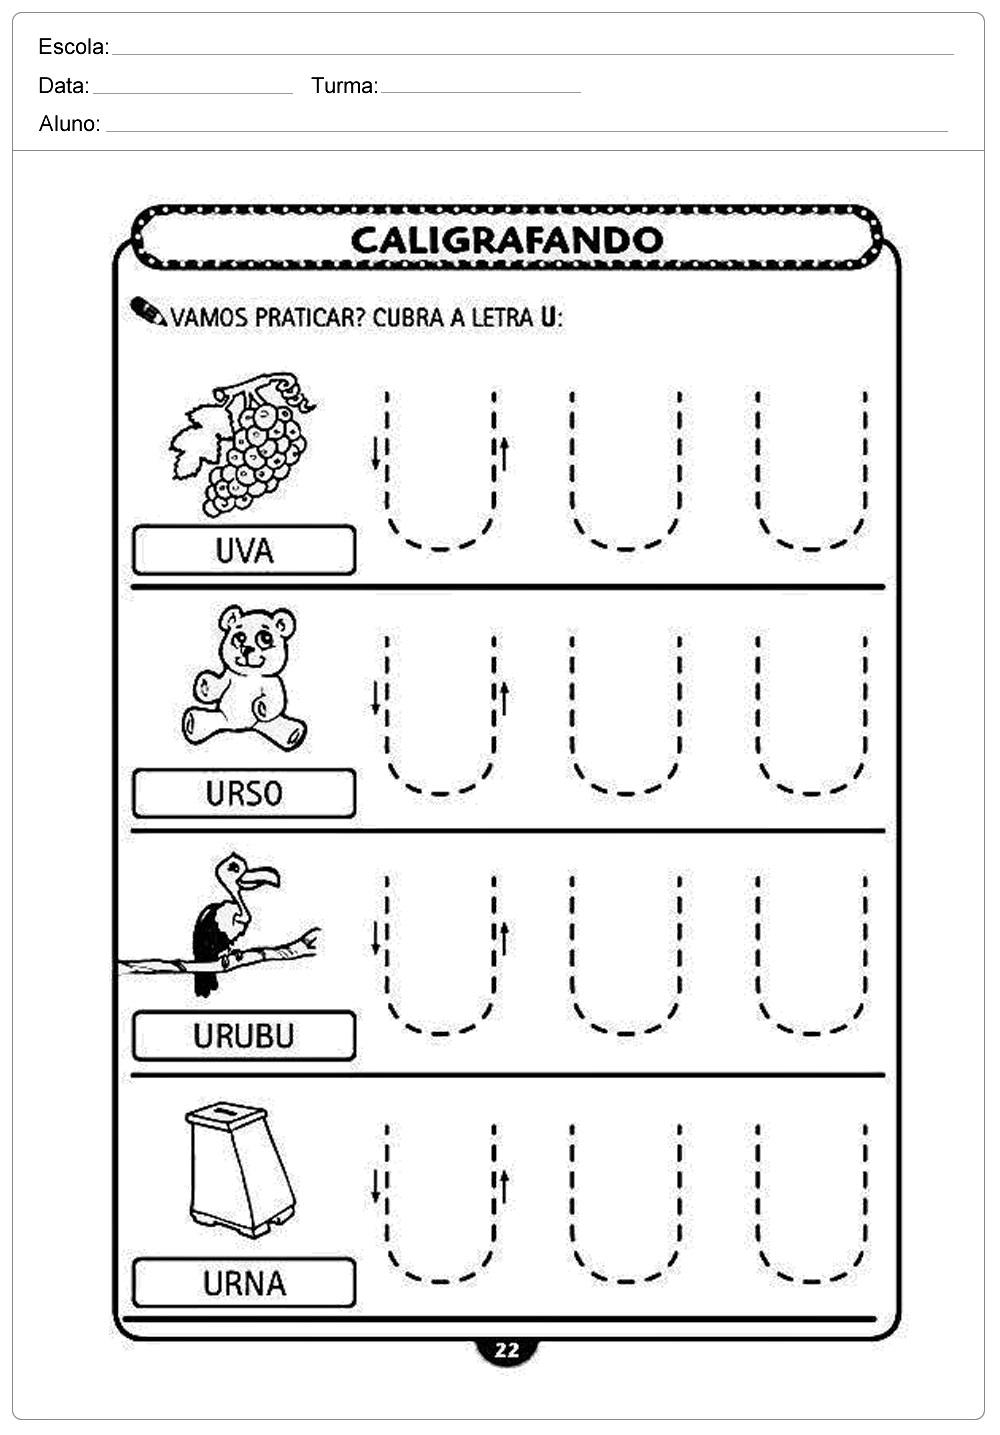 Atividades decaligrafiacom a letra U- para imprimir